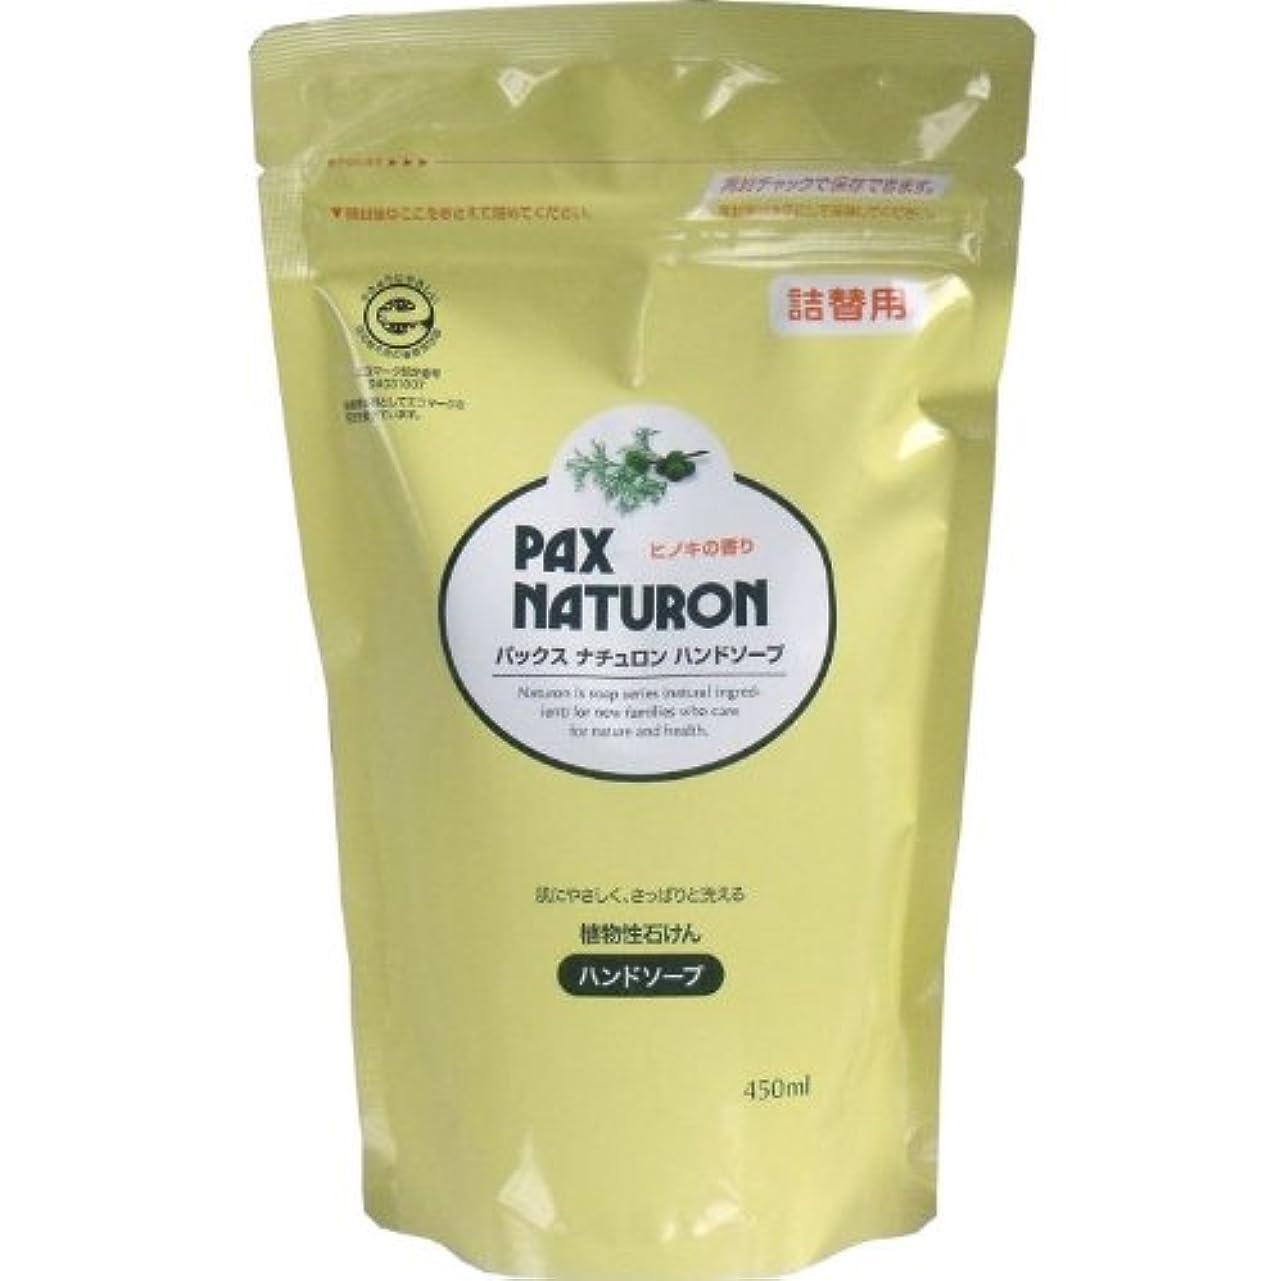 匿名威信変わる肌にやさしく、さっぱりと洗える植物性石けん!植物性ハンドソープ 詰替用 450mL